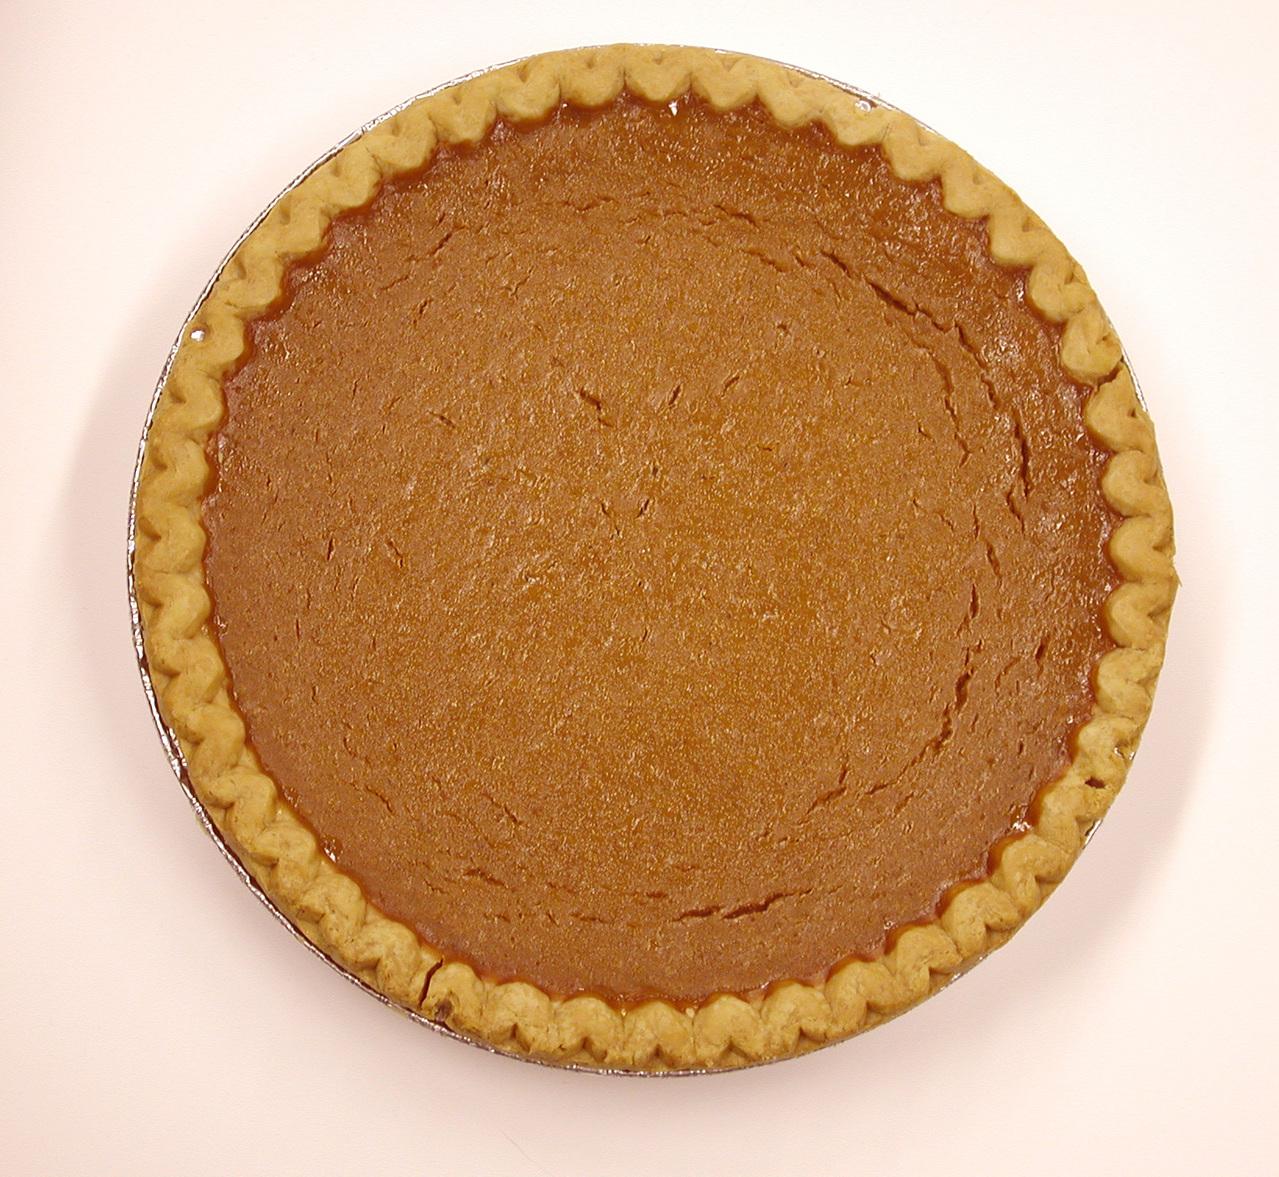 how to make pumpkin pie in minecraft 1.9